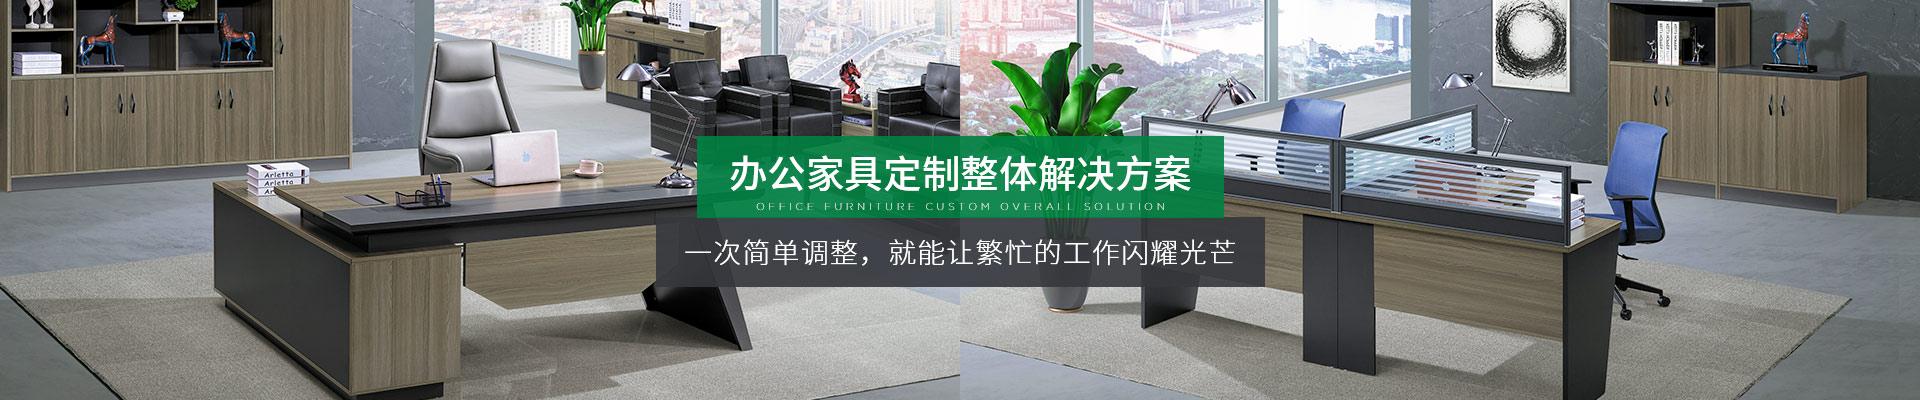 森旺家具-办公家具定制整体解决方案